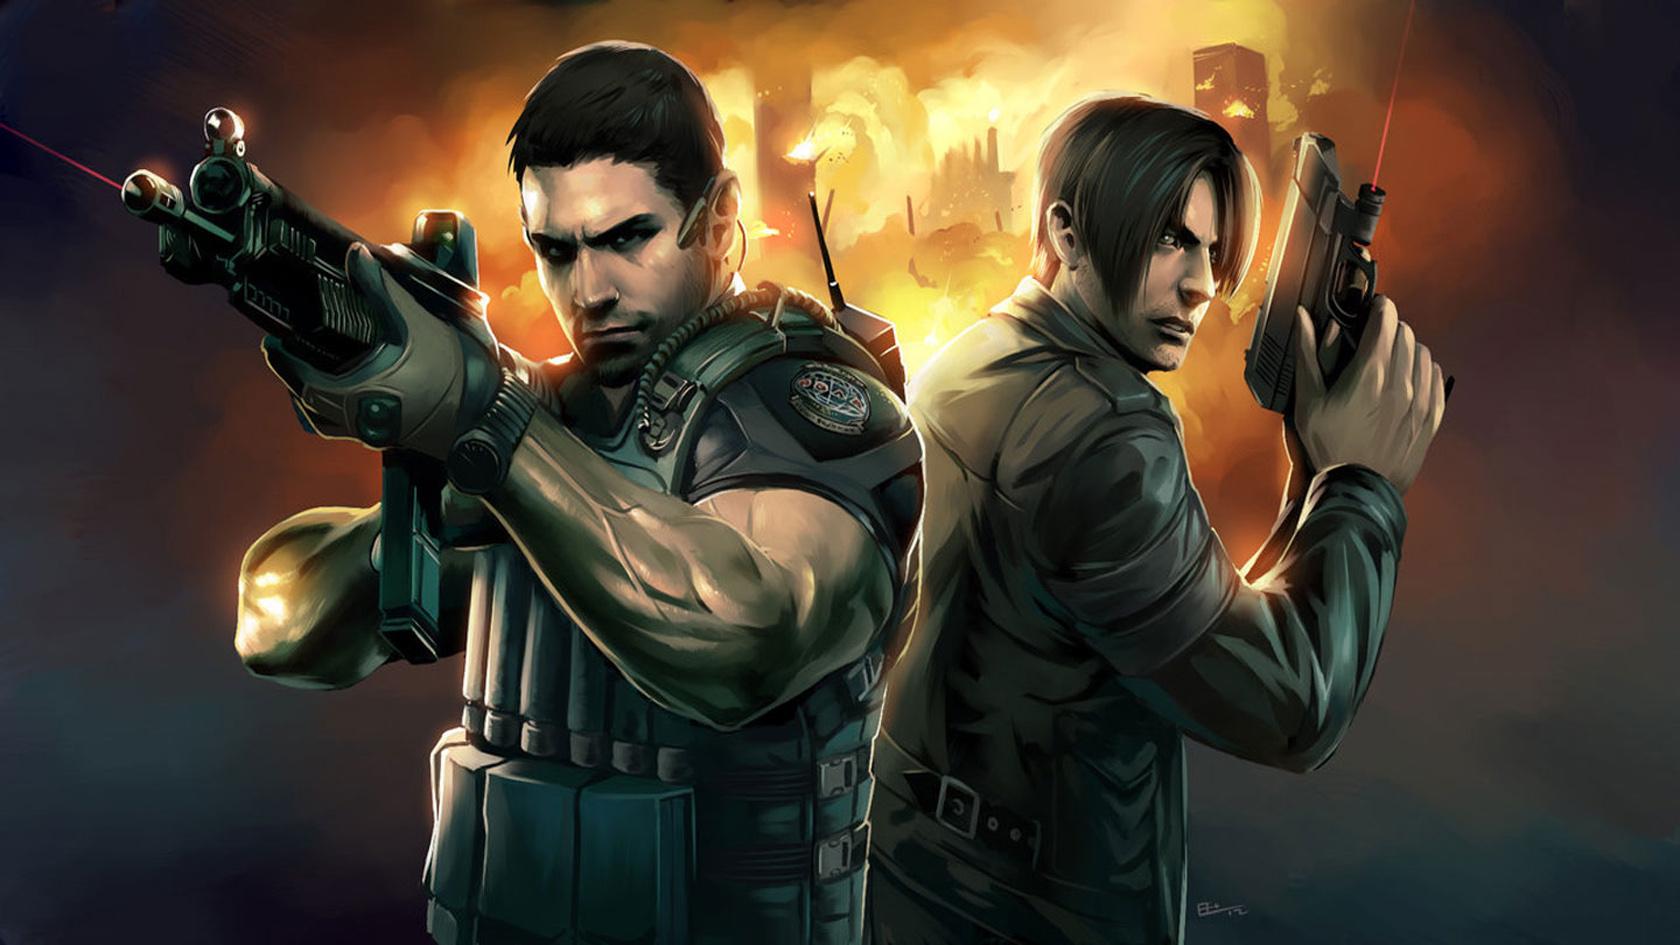 Релиз игры Resident Evil 6 состоится раньше. Категория. 17.04.2012